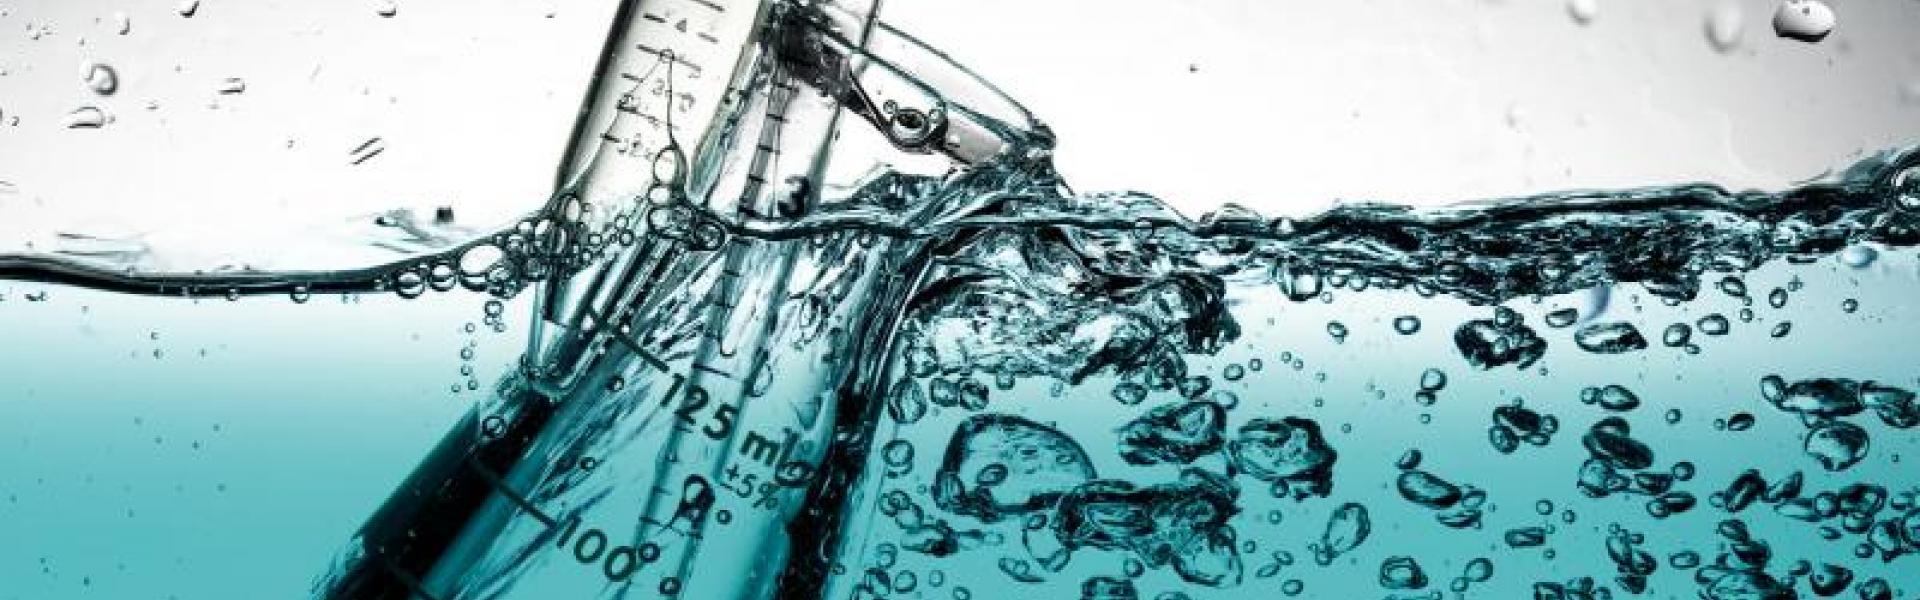 Análise de Água | Microbiológica